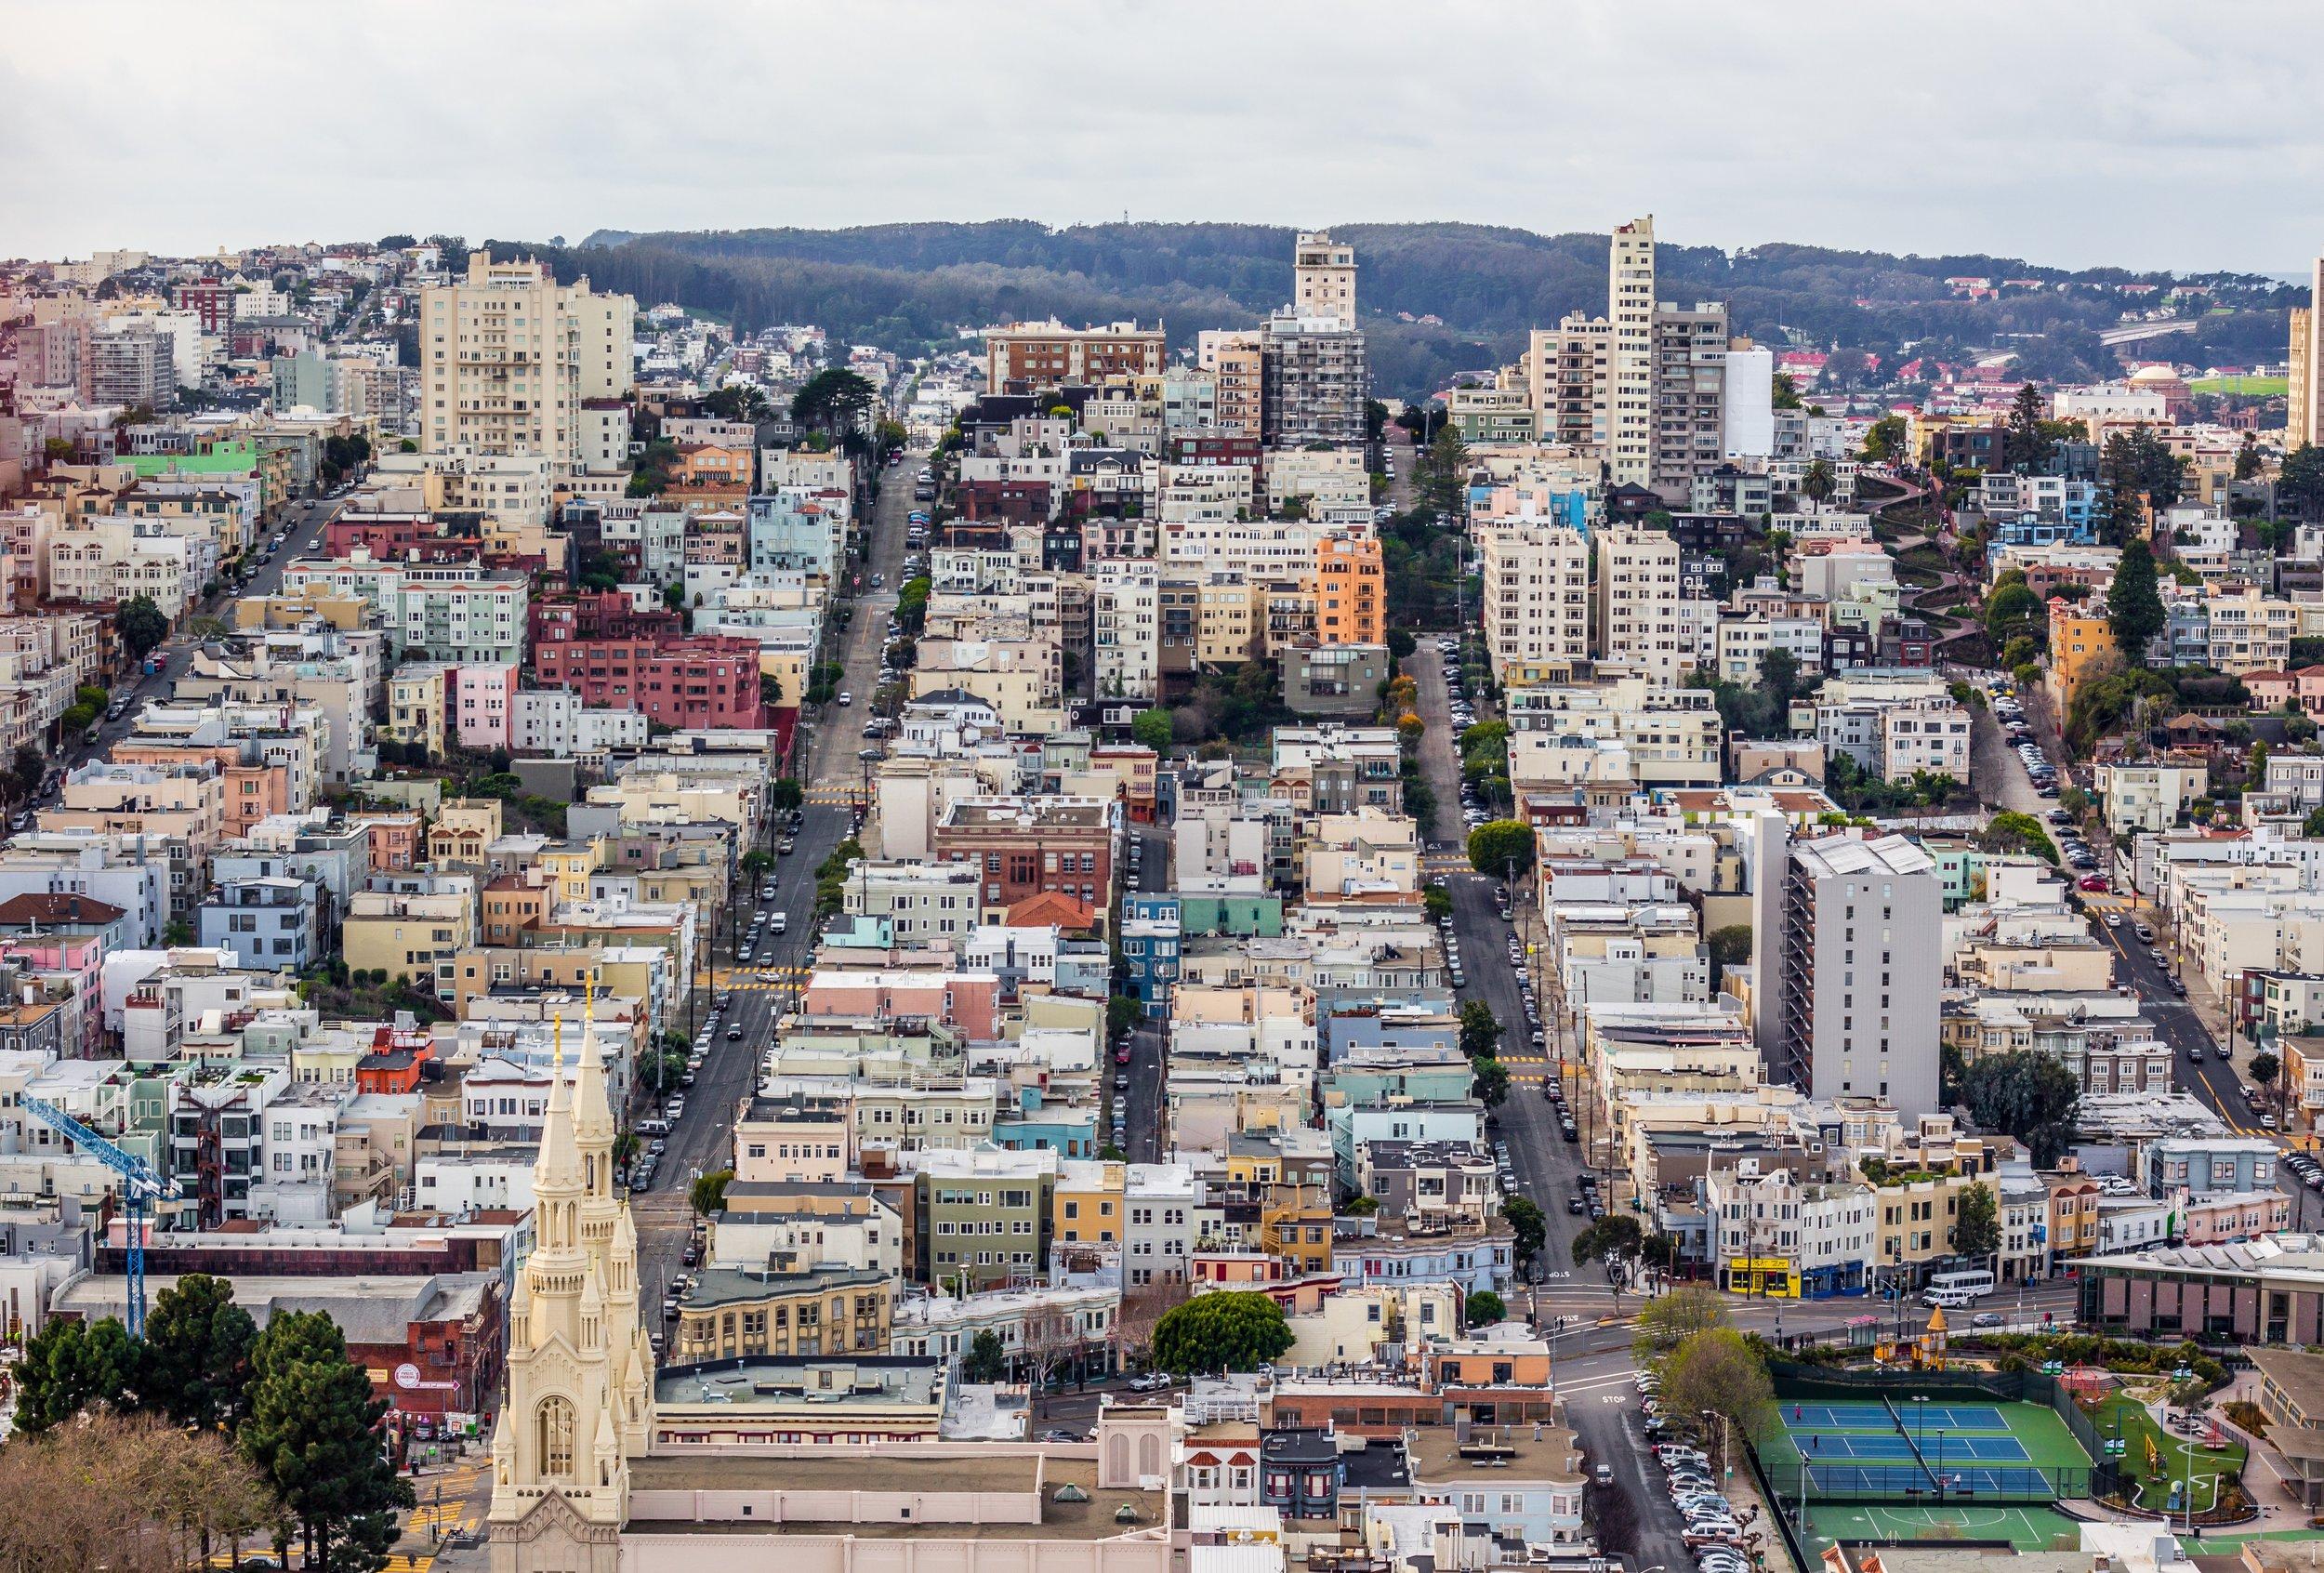 San Francisco - The wedding venues of your dreams